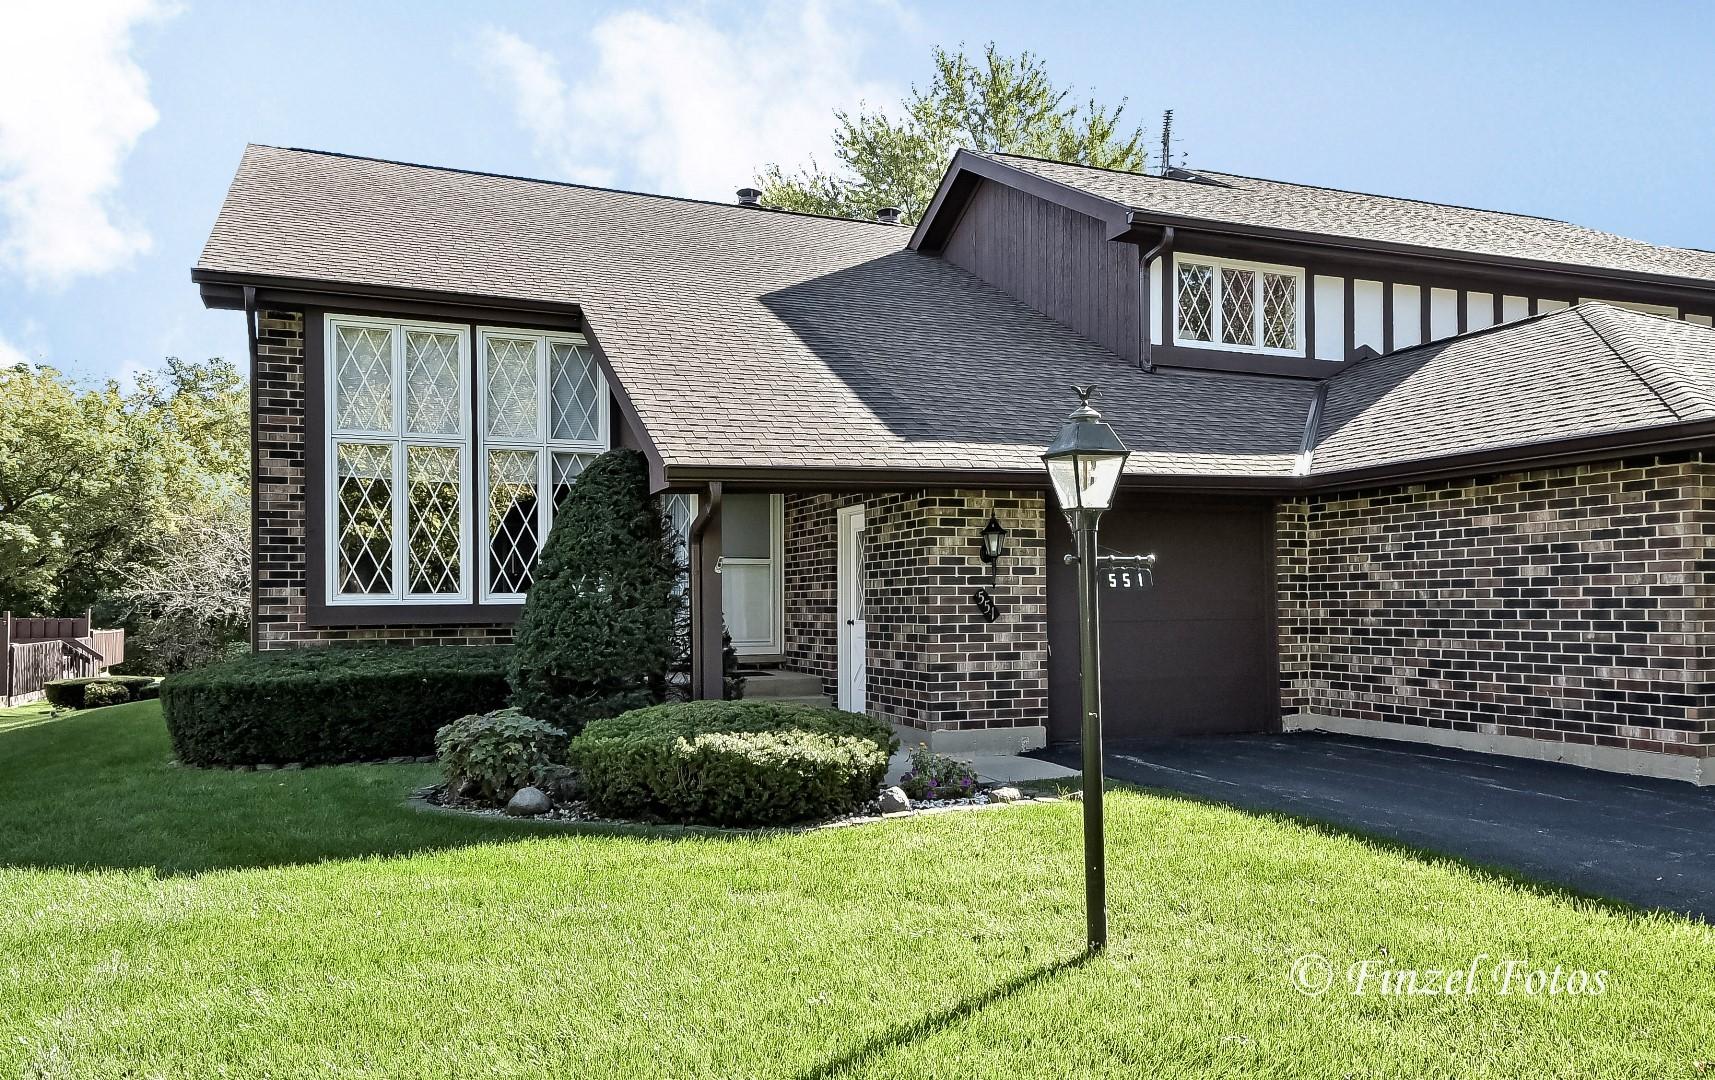 551 Cress Creek Lane, Crystal Lake, Illinois